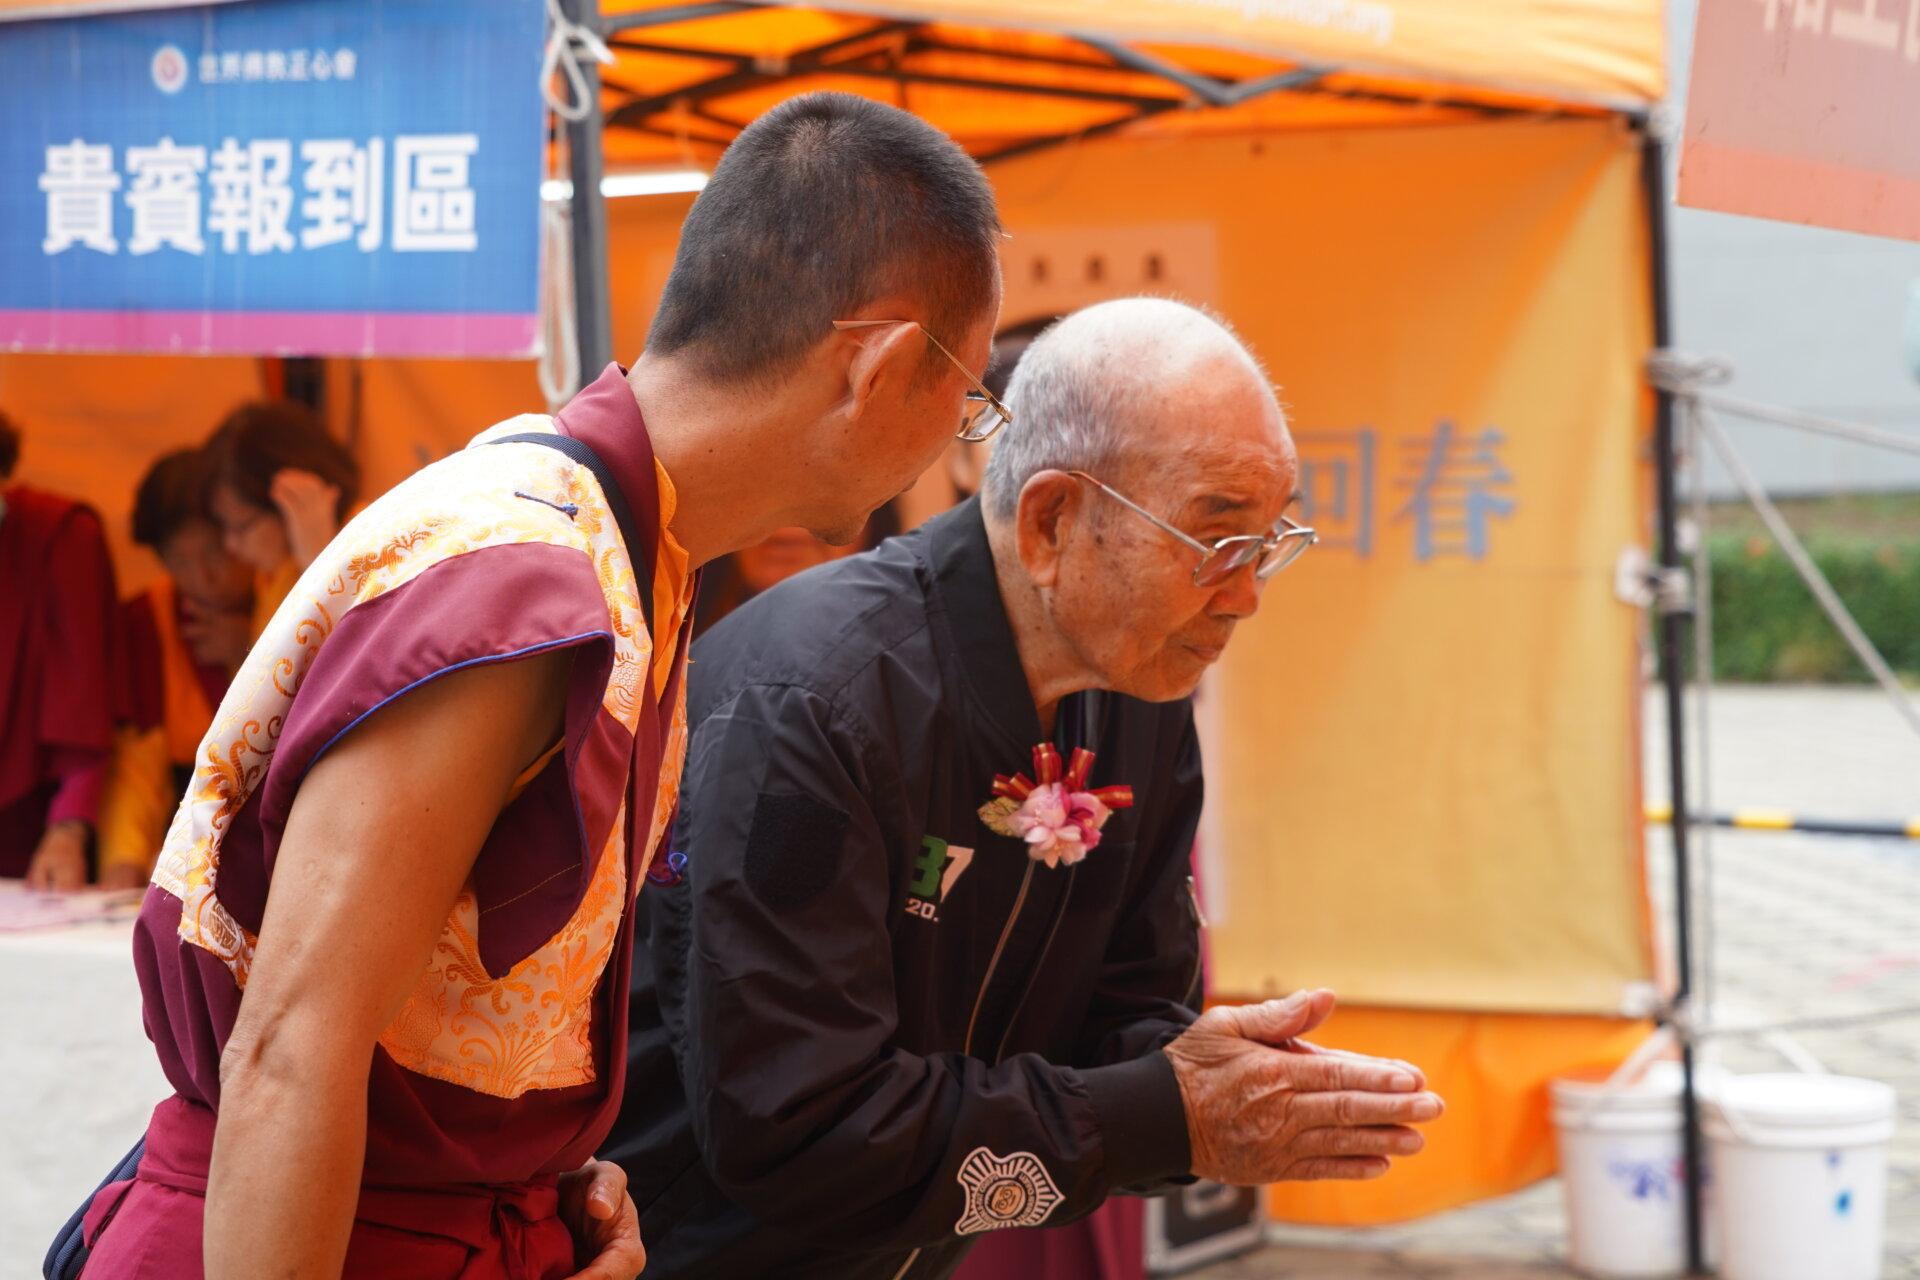 行動佛殿110站嘉義布袋魍港,82歲的太聖宮主委蔡崇田(右)恭敬虔誠頂禮